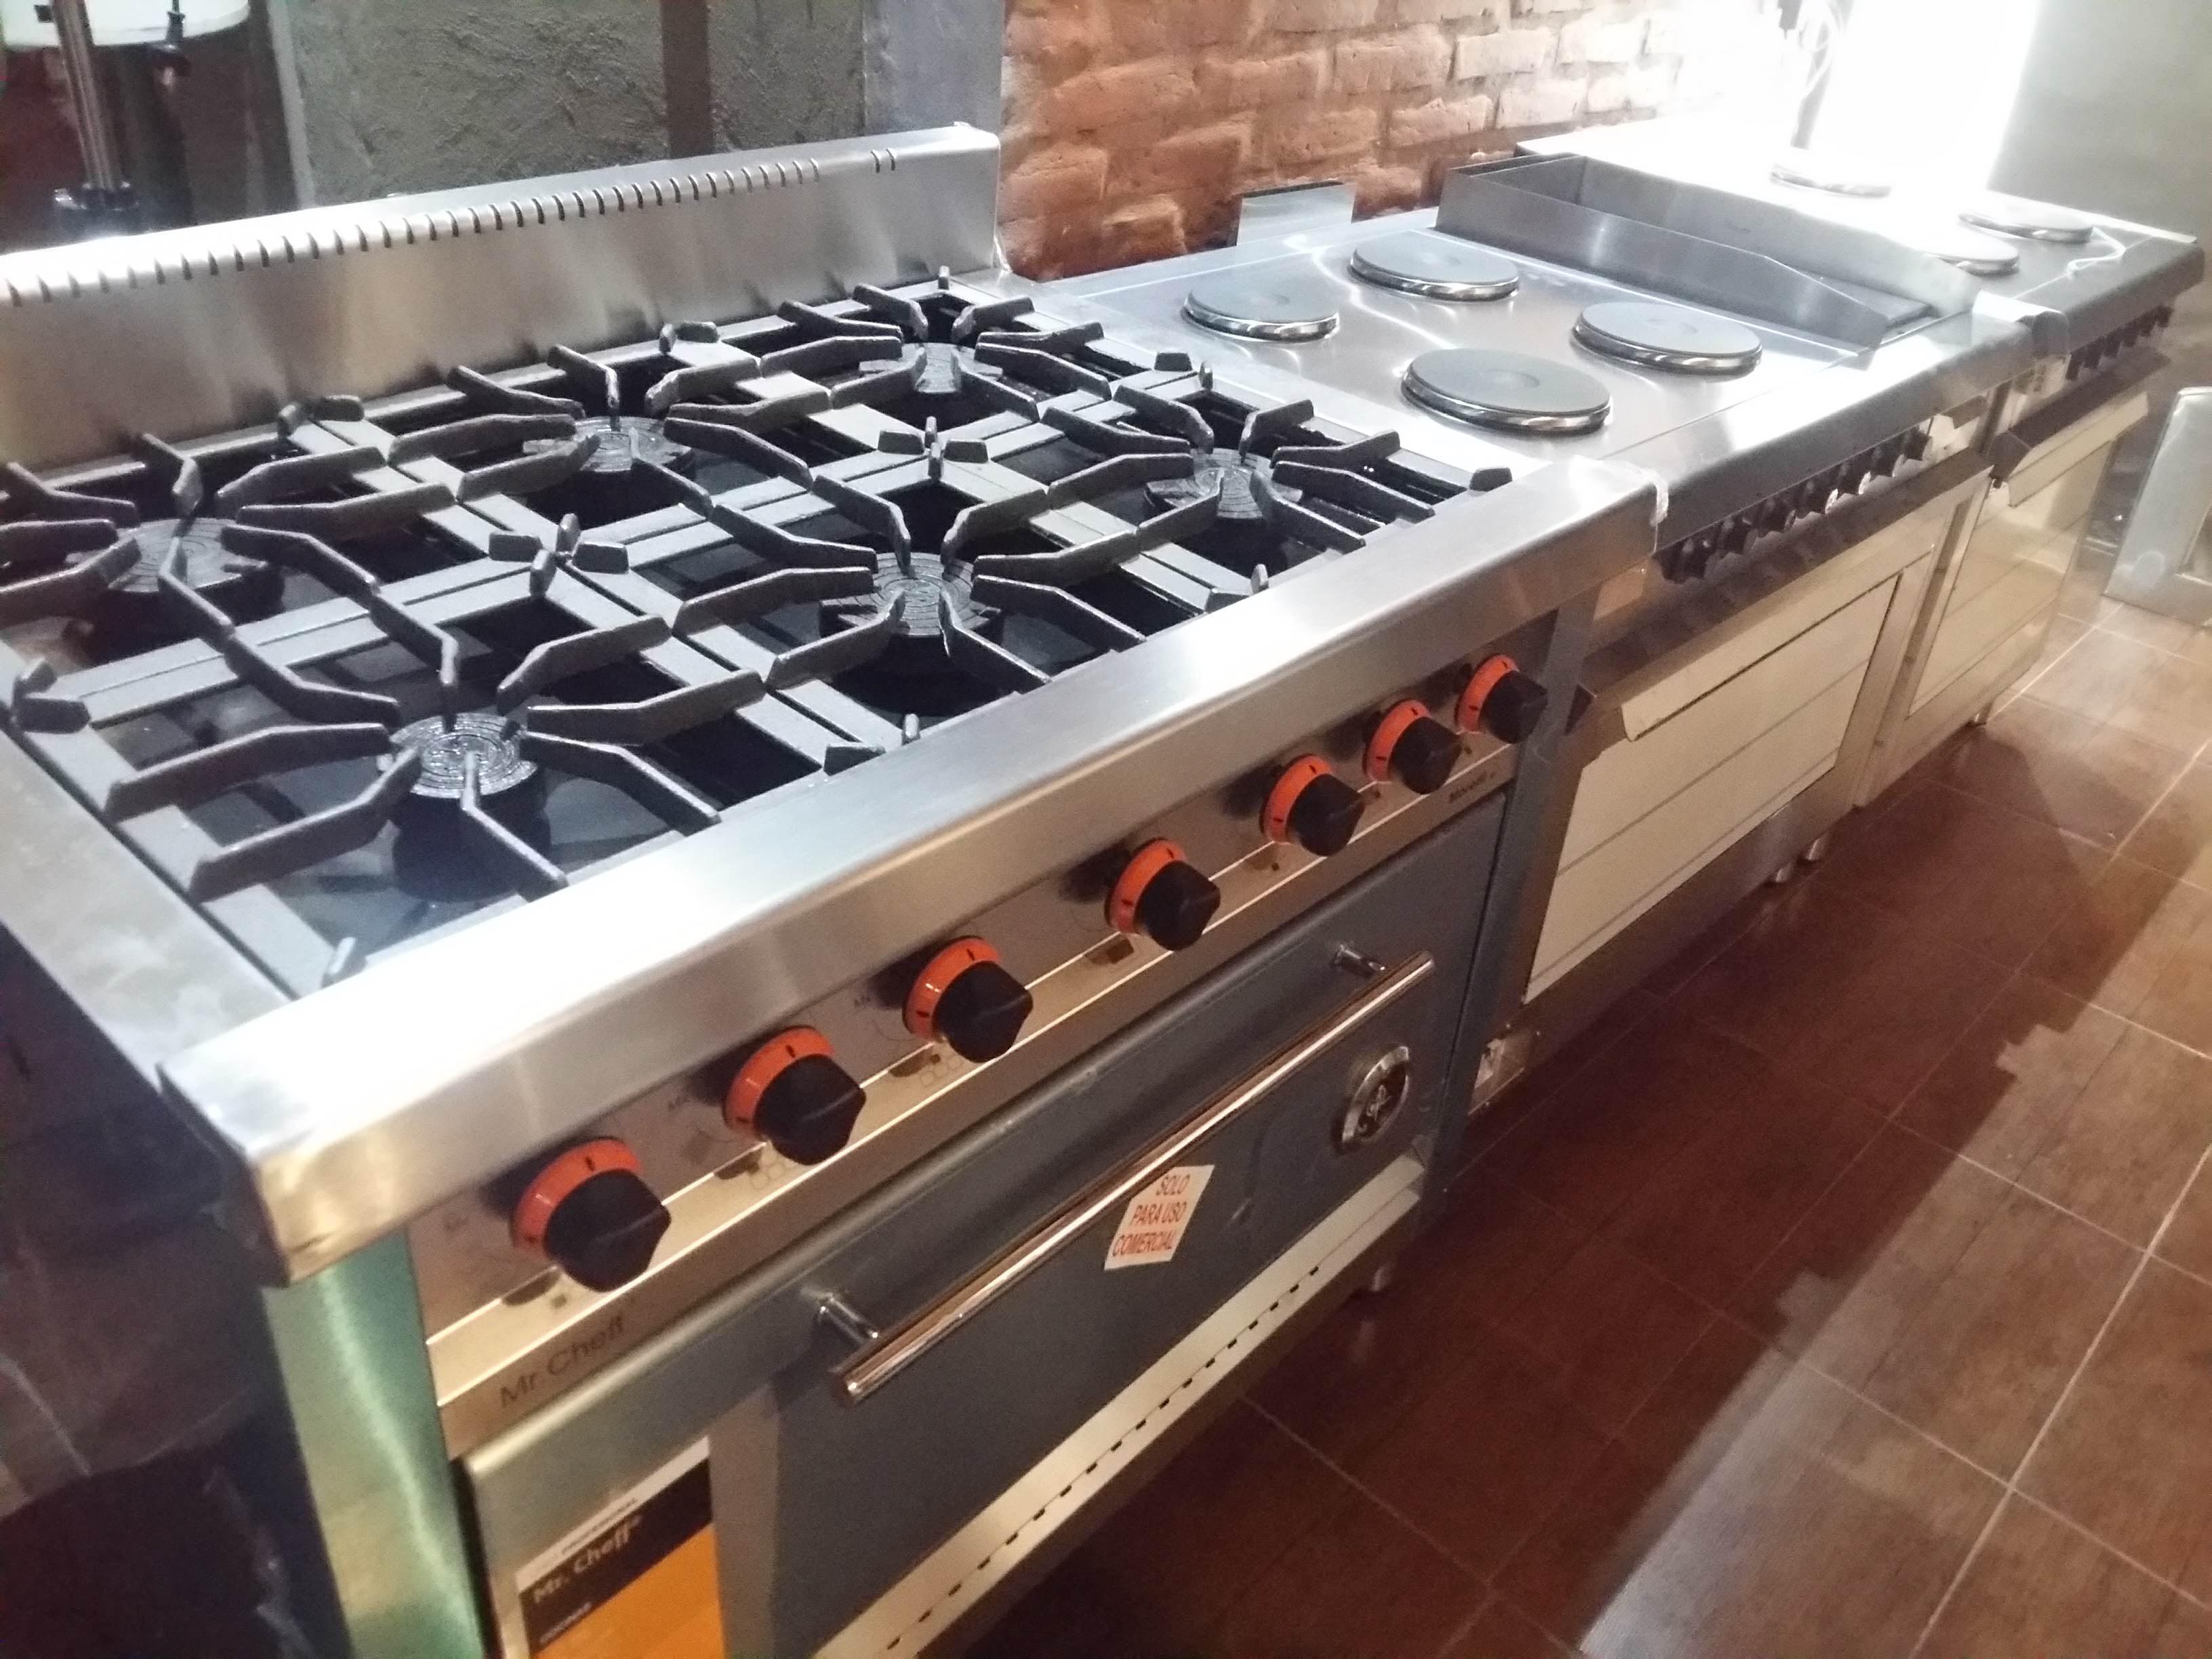 Morelli cocinas industriales MRCHEF  hornallas 1100 envíos a todo el país.